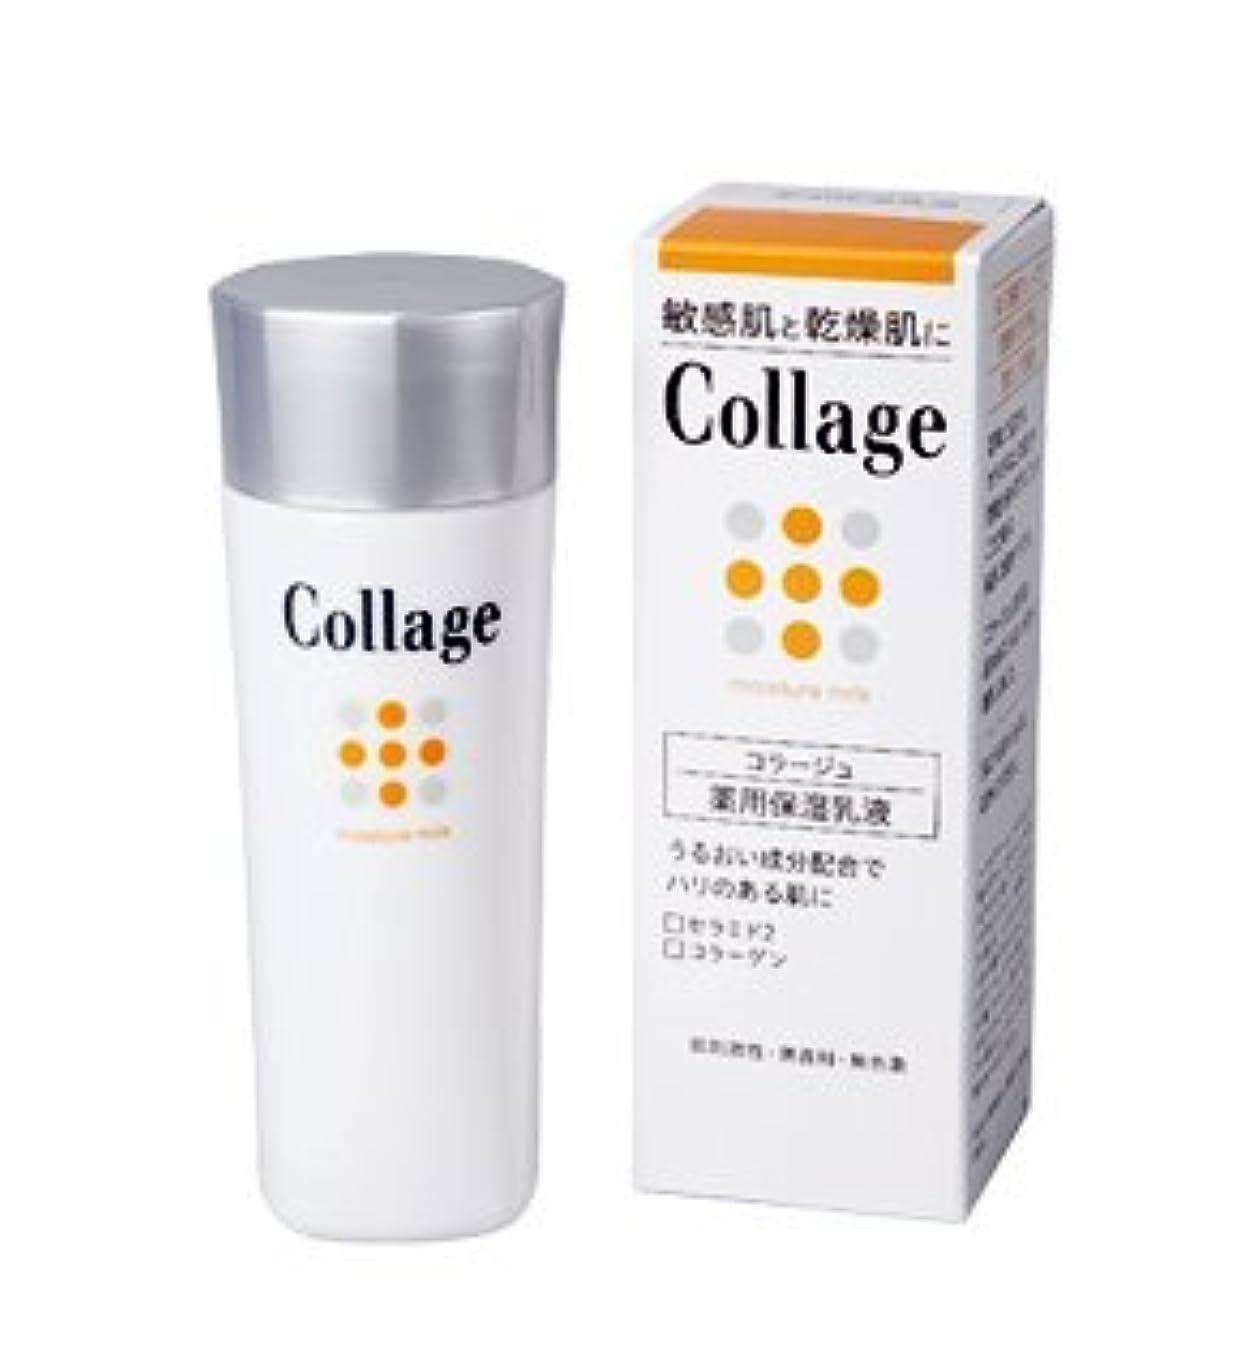 スポークスマン発表作業【持田ヘルスケア】 コラージュ薬用保湿乳液 80ml (医薬部外品) ×4個セット